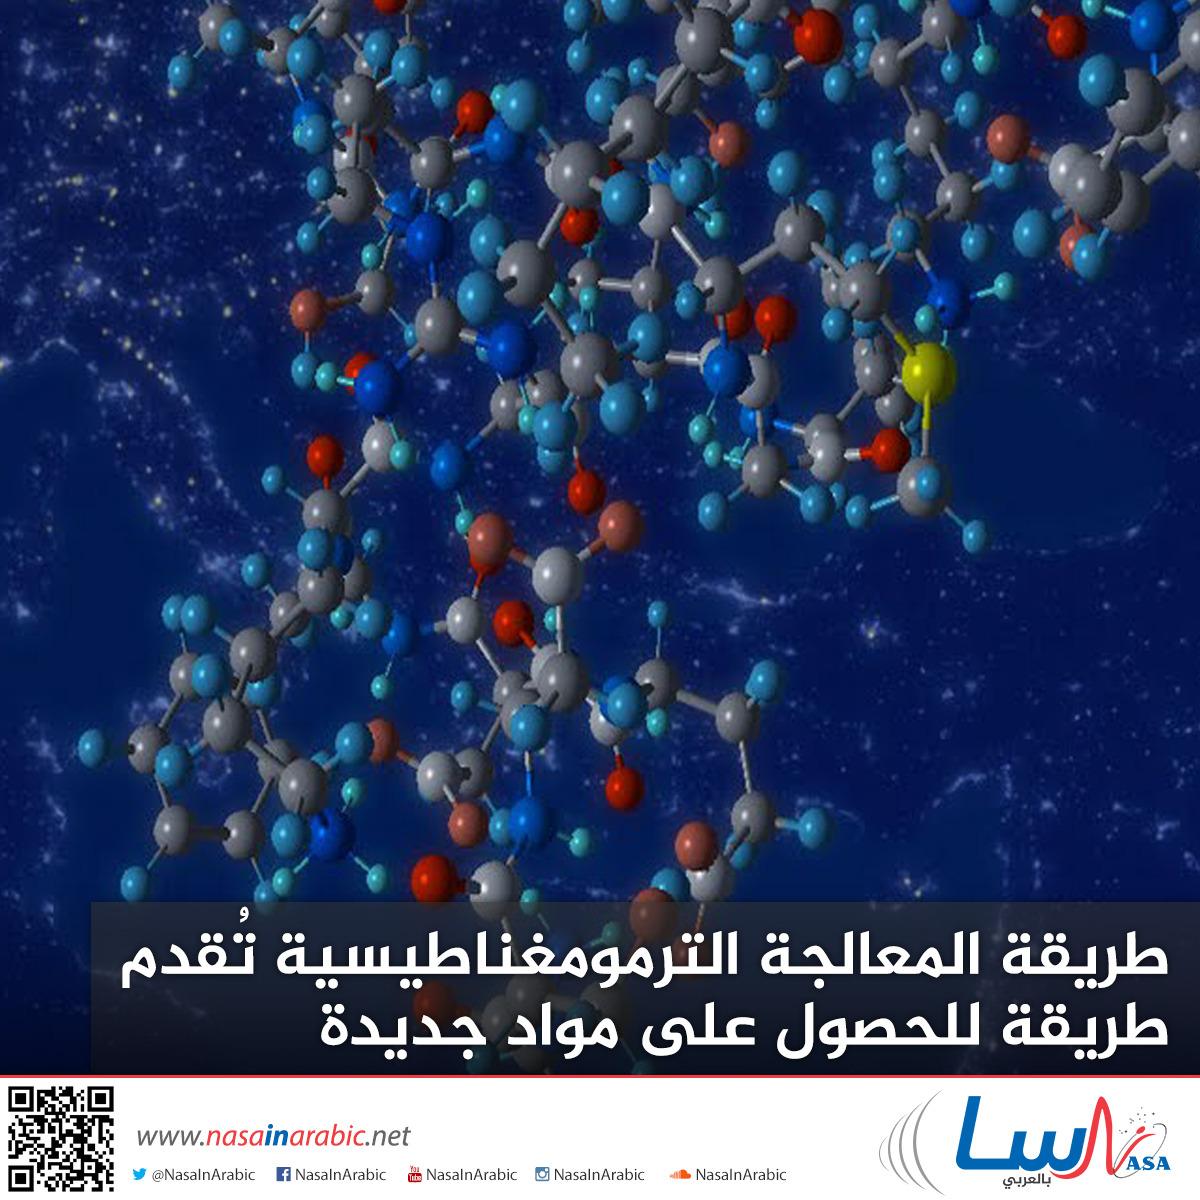 طريقة المعالجة الترمومغناطيسية تُقدم طريقة للحصول على مواد جديدة